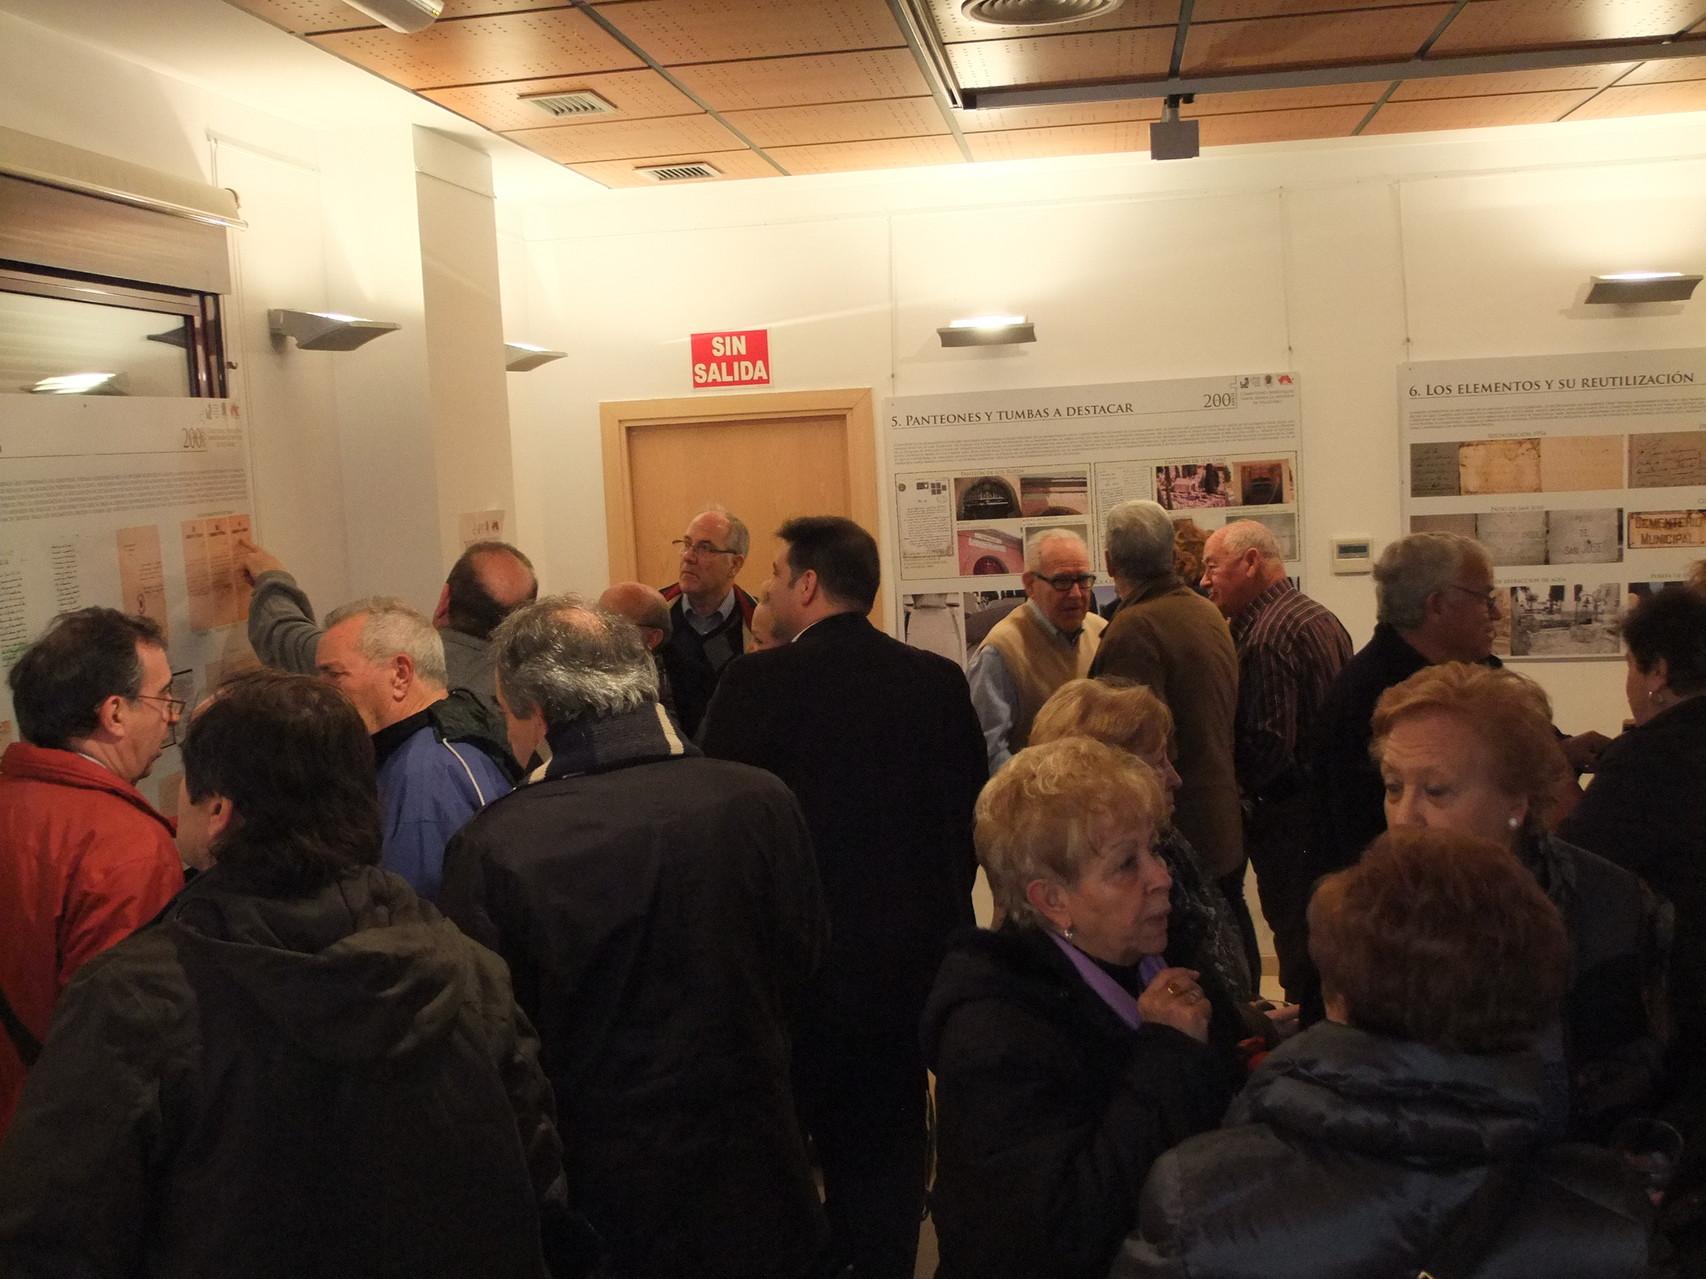 Imágenes de la inauguración de la exposición cedidas por Vicus Albus.